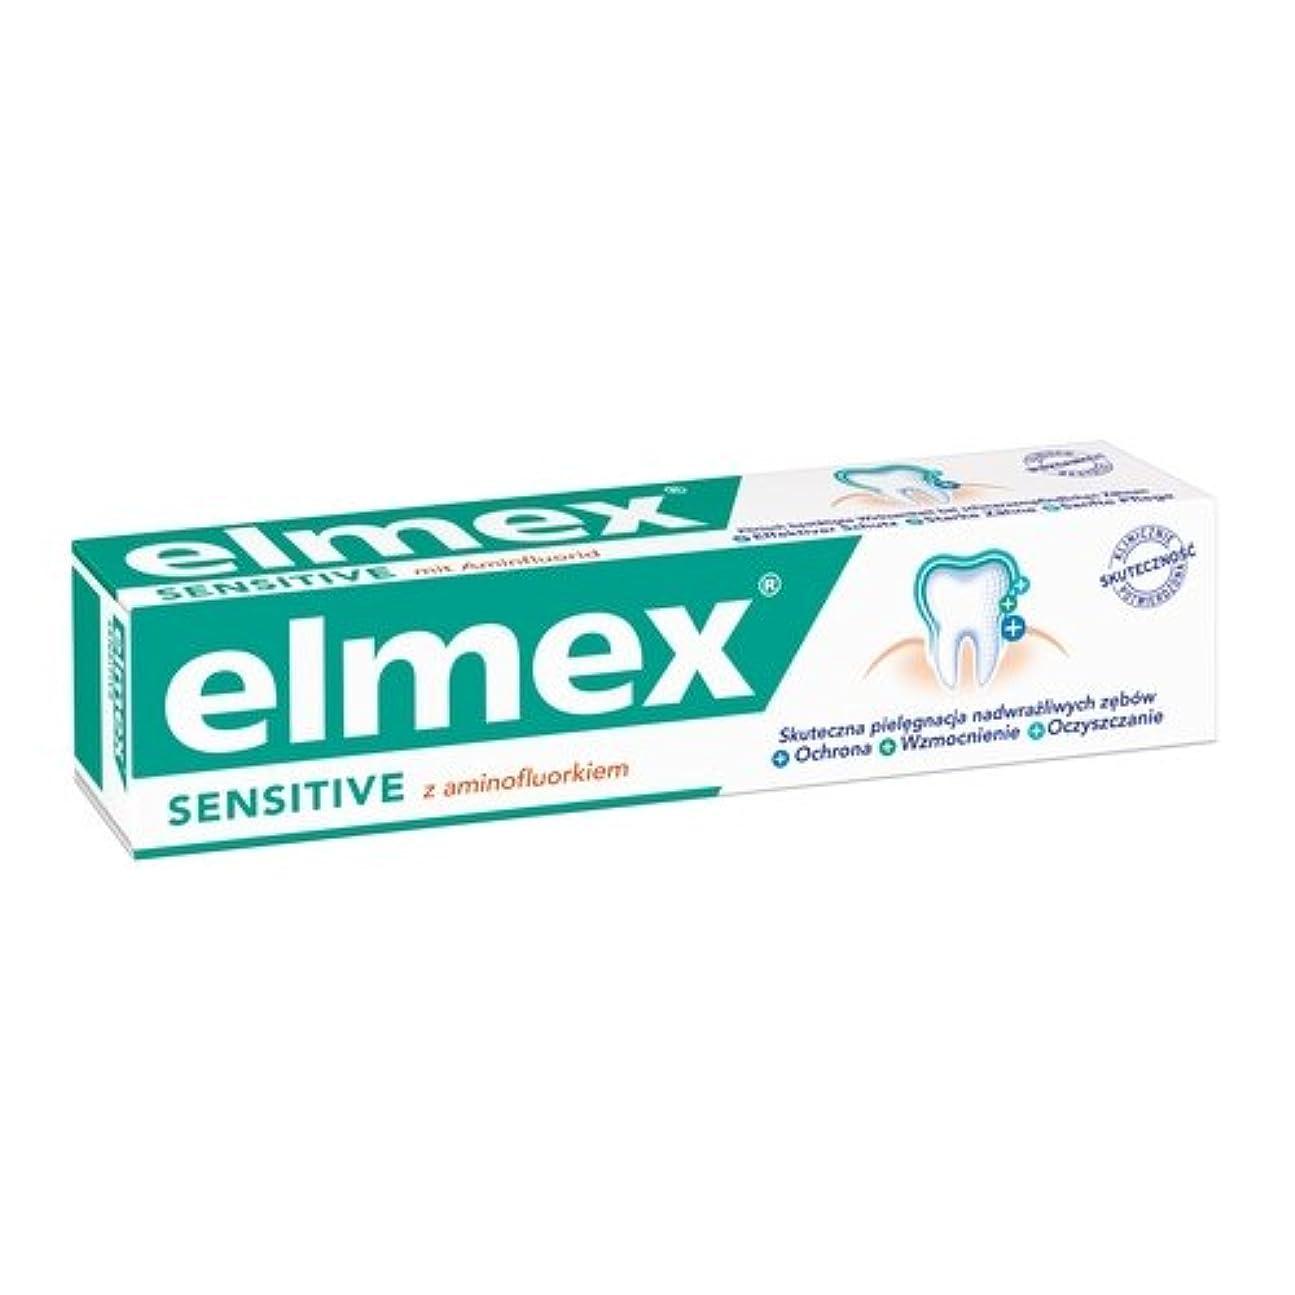 落とし穴魔女採用エルメックス センシティブ 歯磨き粉 Elmex Sensitive 75ml [並行輸入品]